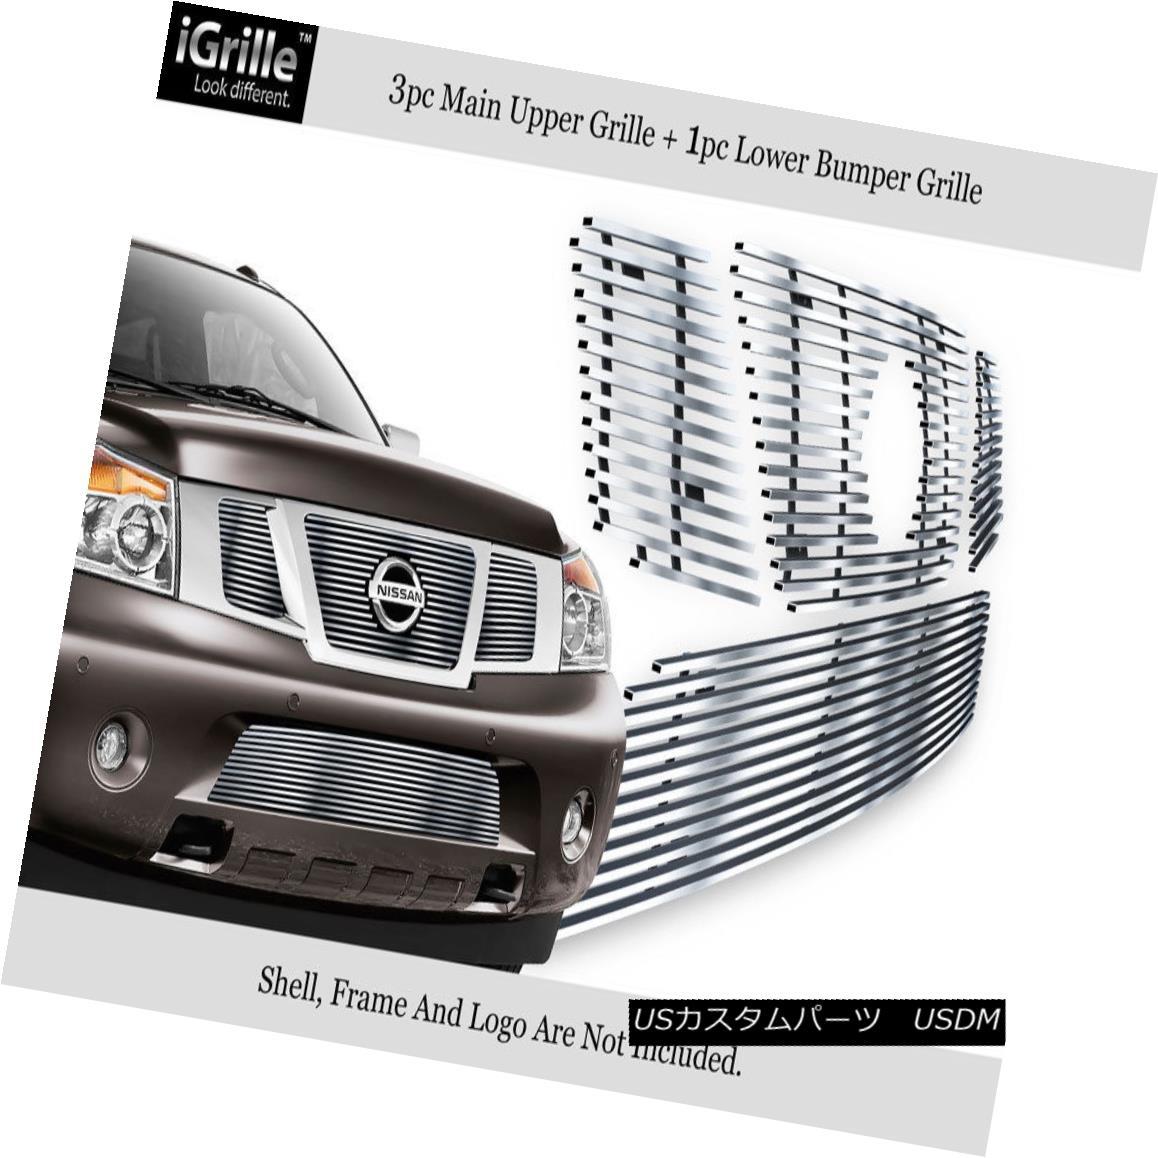 グリル Fits 2008-2014 Nissan Armada Billet Grille w/ Logo Show Stainless Bilelt Grille フィット2008-2014日産アルマダビレットグリルロゴ付きステンレスビレットグリル